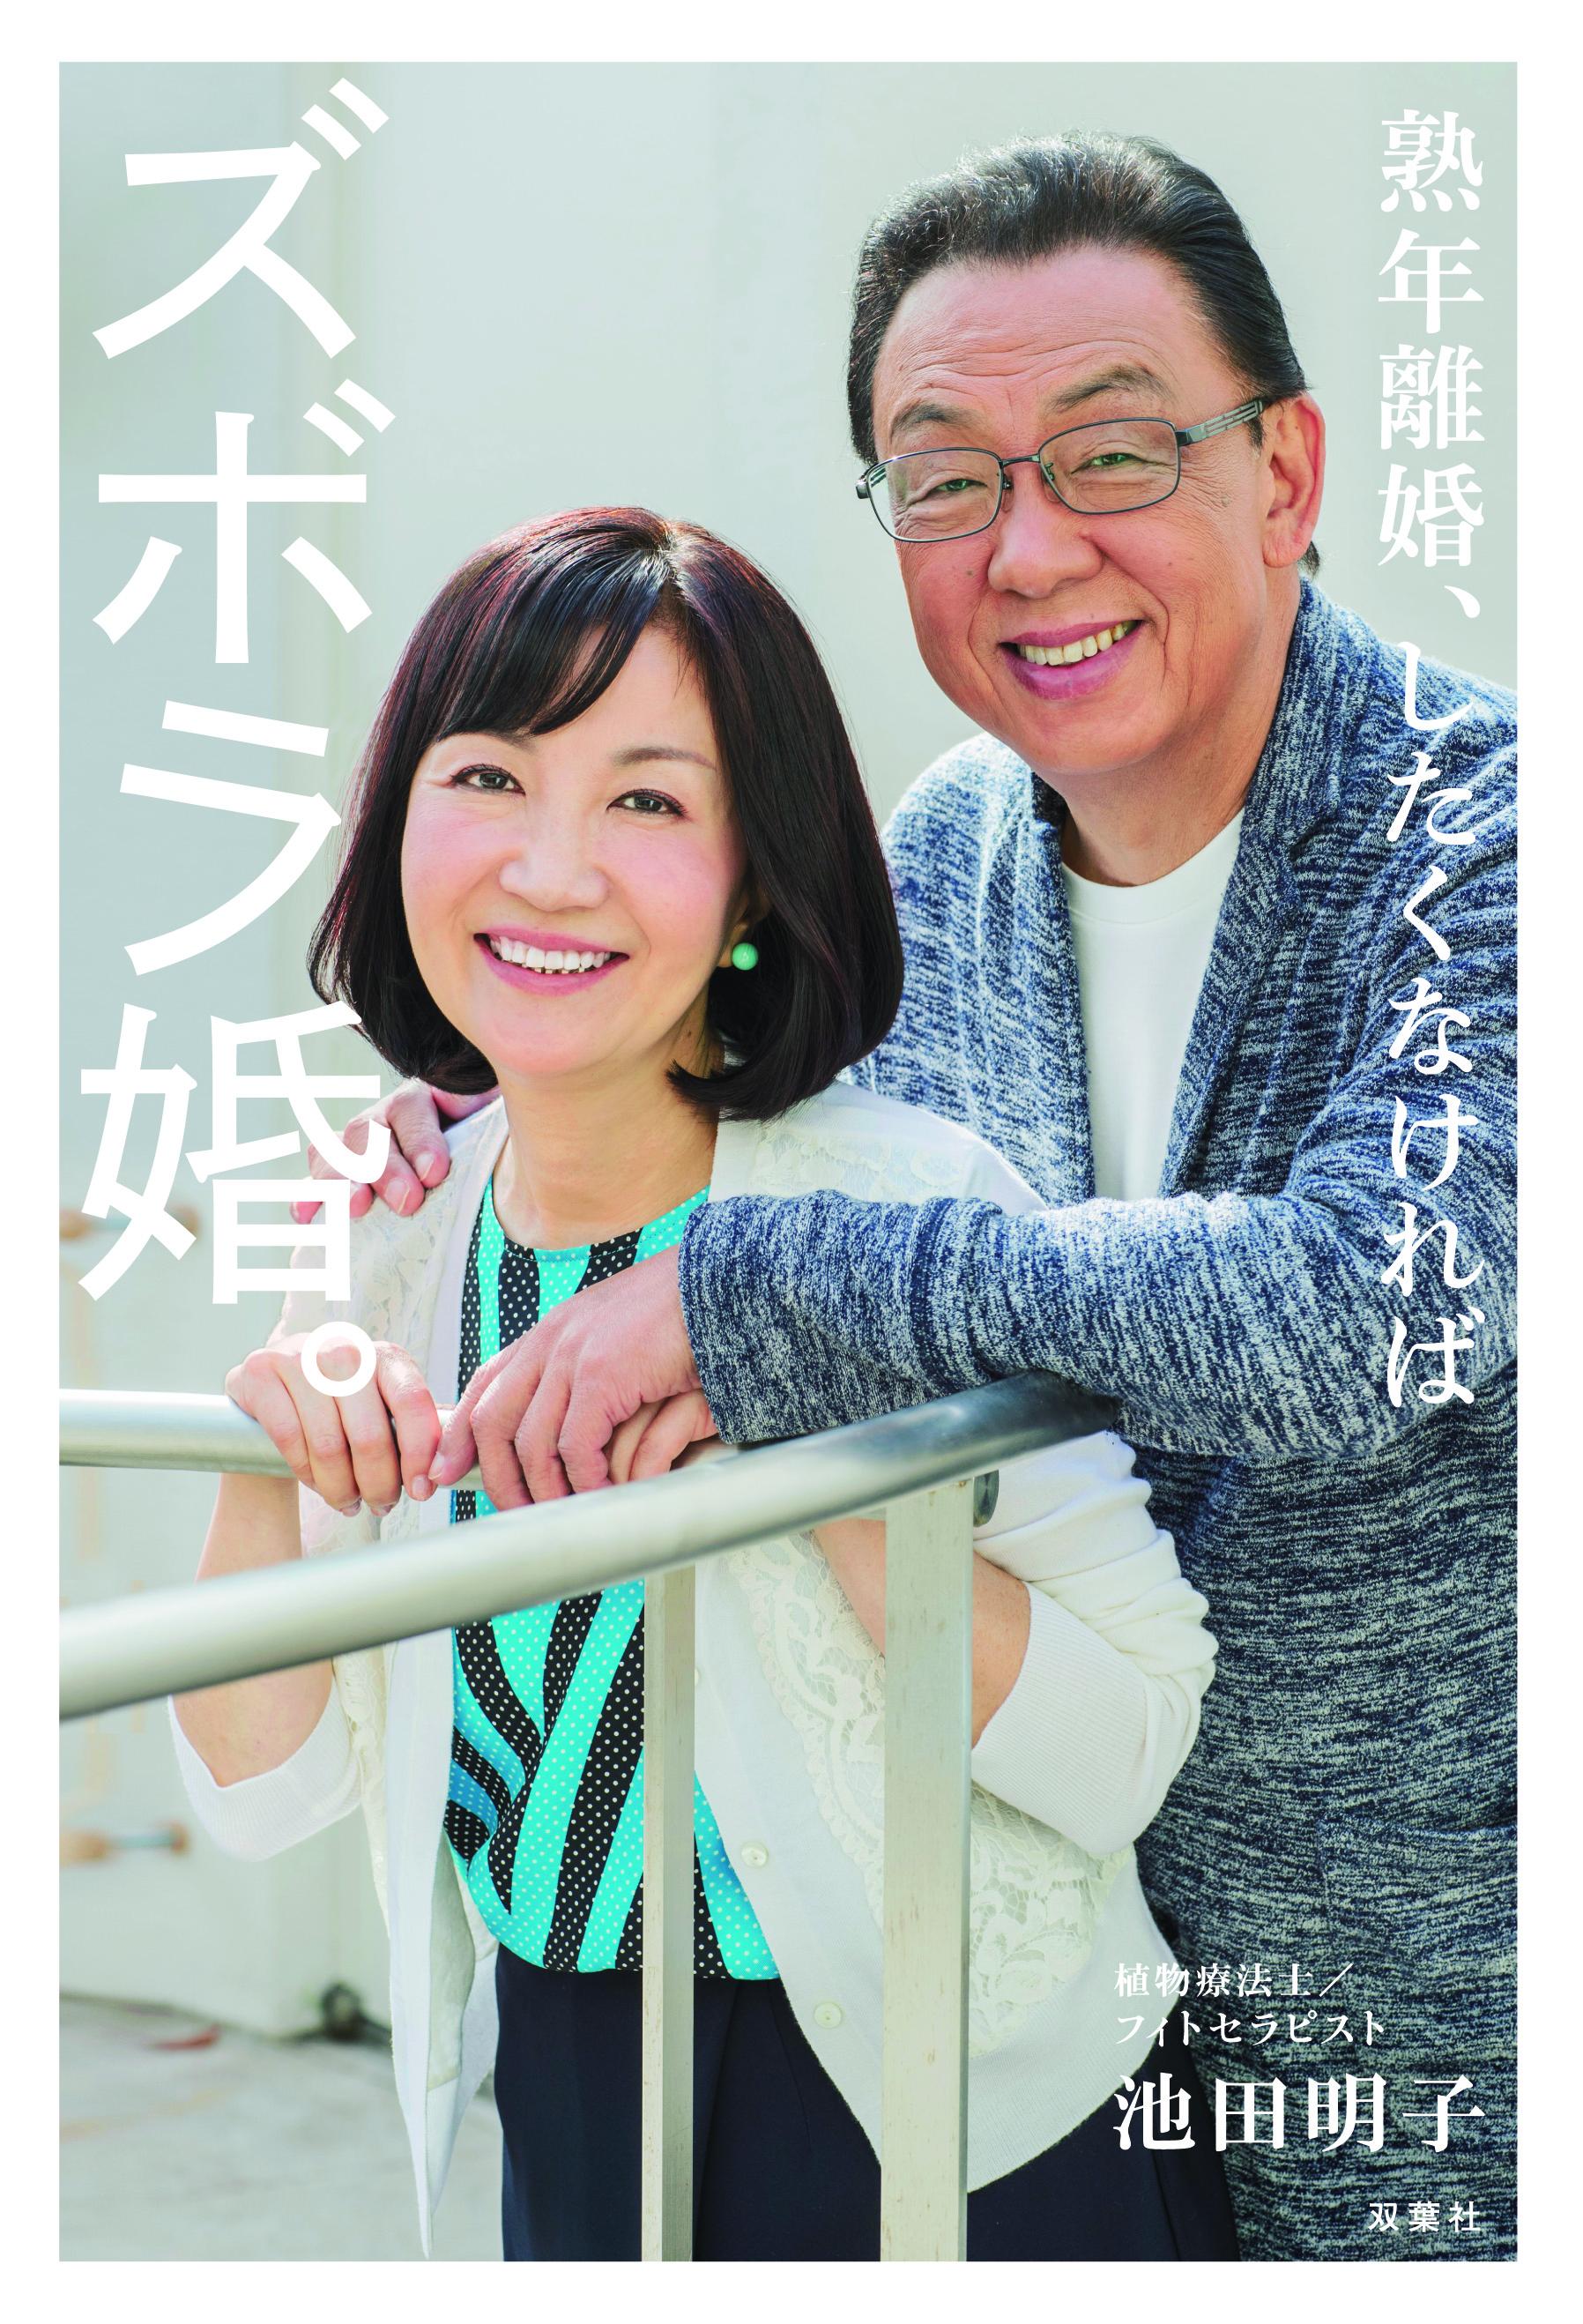 池田明子さん×梅沢富美男さん夫婦トークショー&サイン本お渡し会